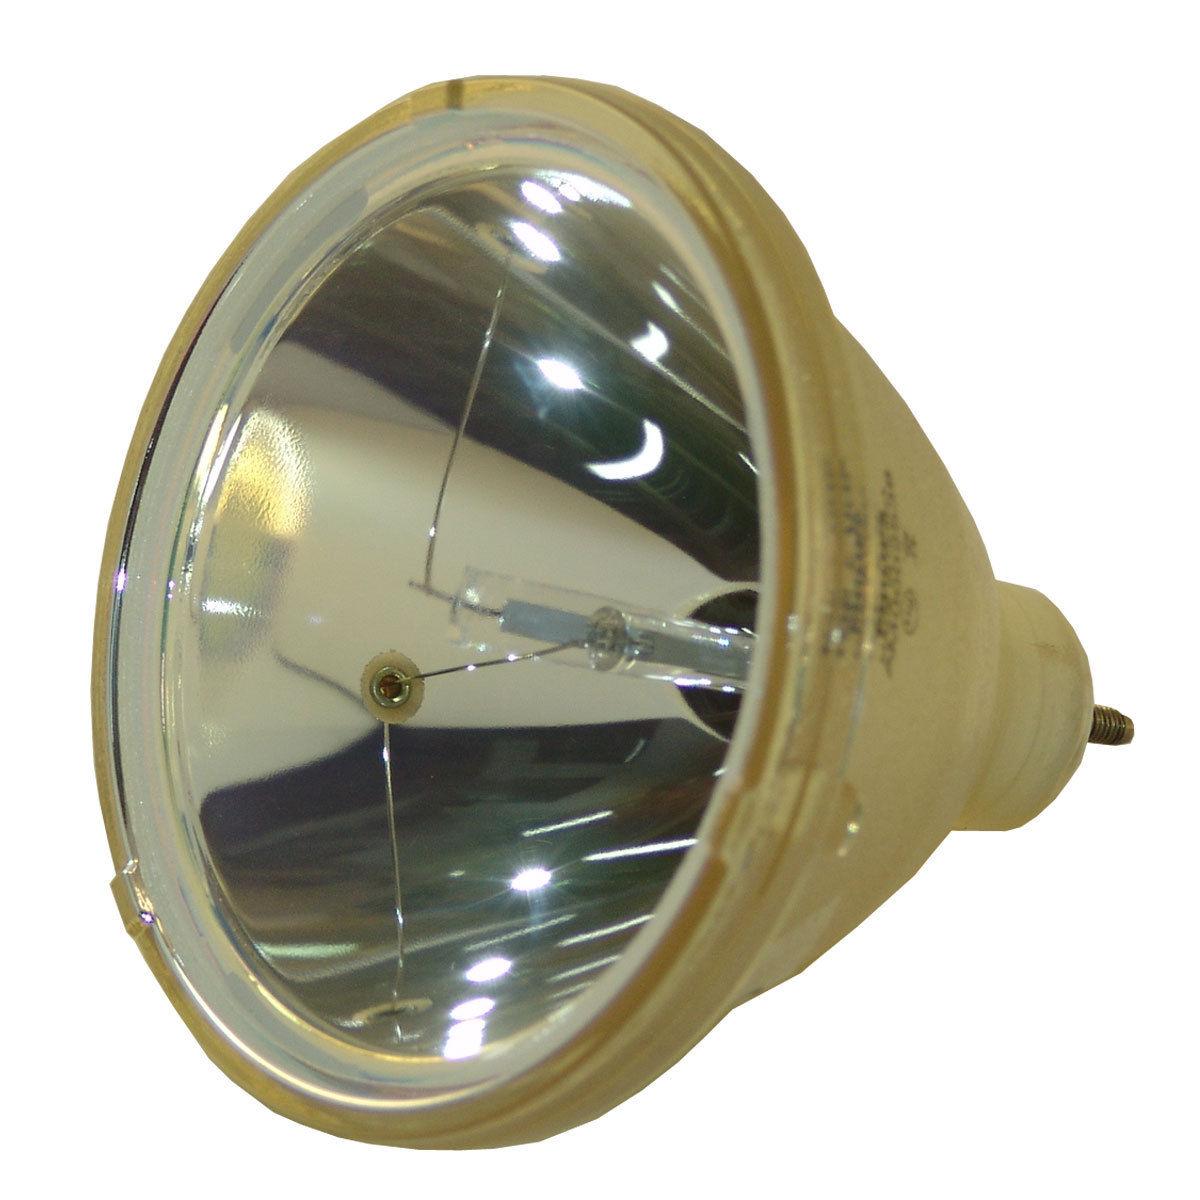 POA-LMP18 LMP18 610-279-5417 for SANYO PLC-XP07 PLC-SP20 PLC-XP10A PLC-XP10BA PLC-XP10EA PLC-XP10NA Projector Lamp Bulb replacement projector bare lamp bulb with housing poa lmp18 610 279 5417 for sanyo plc xp07 pcl sp20 plc xp10na projectors